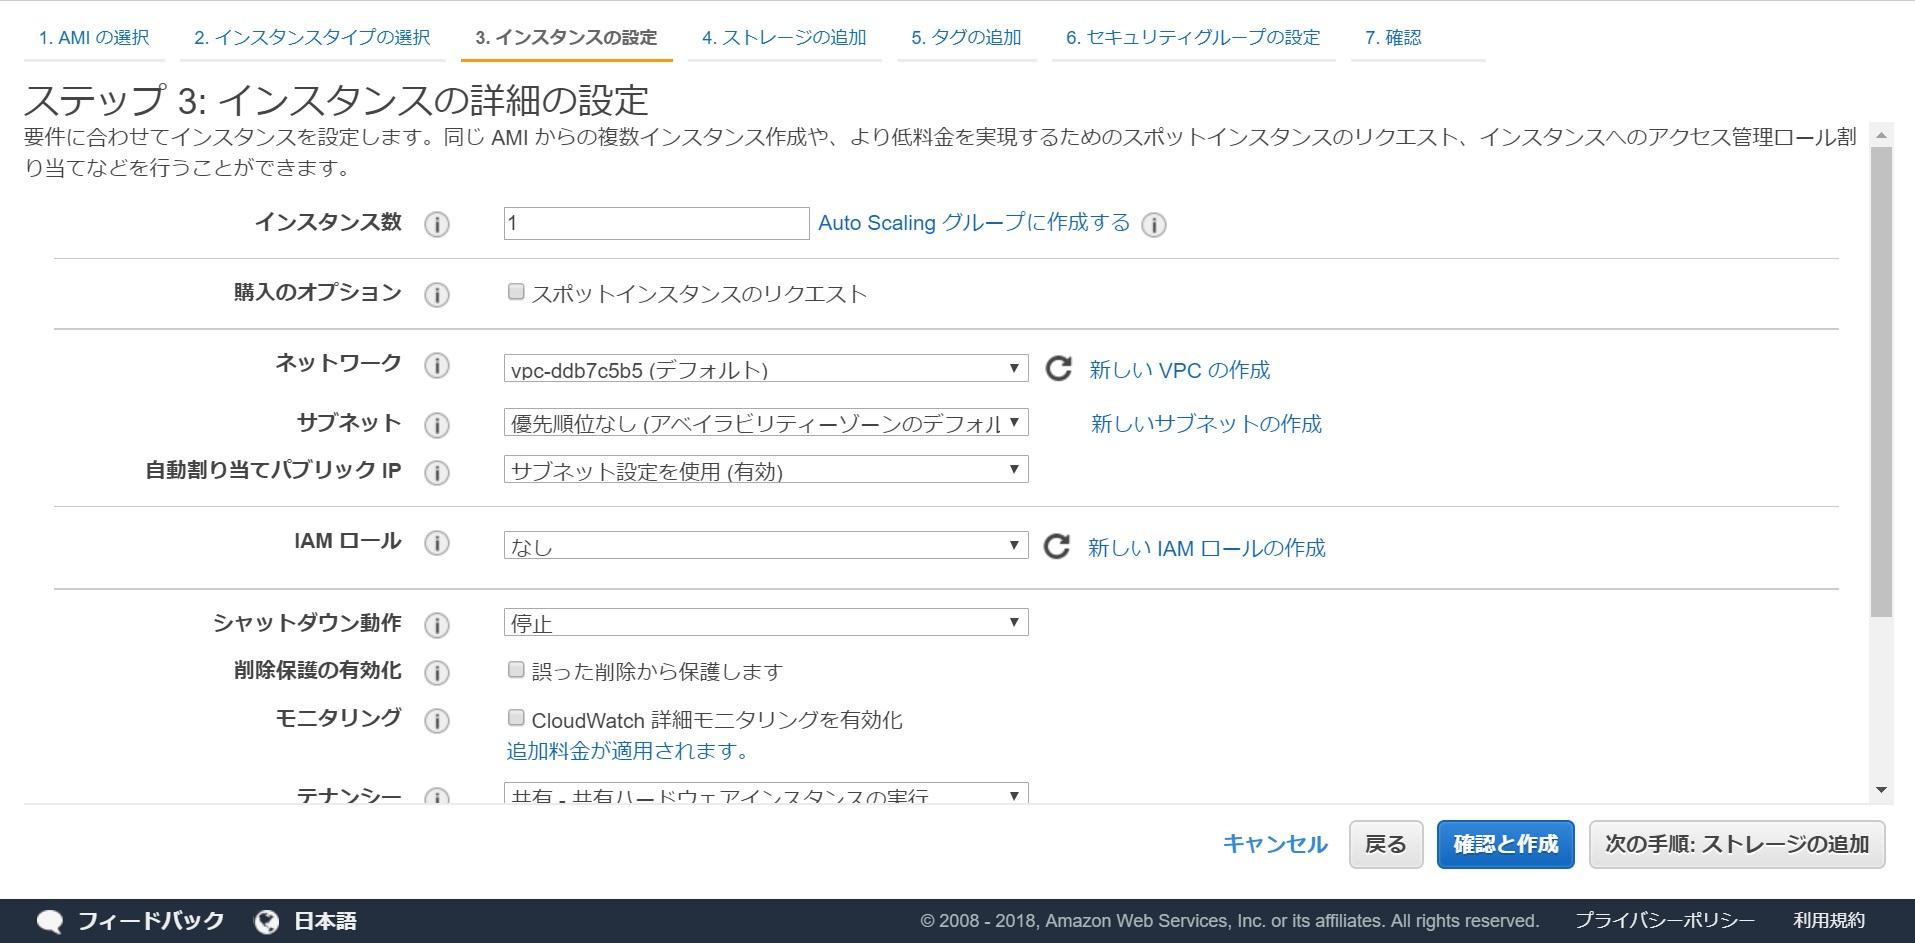 04_インスタンスタイプ詳細.jpg